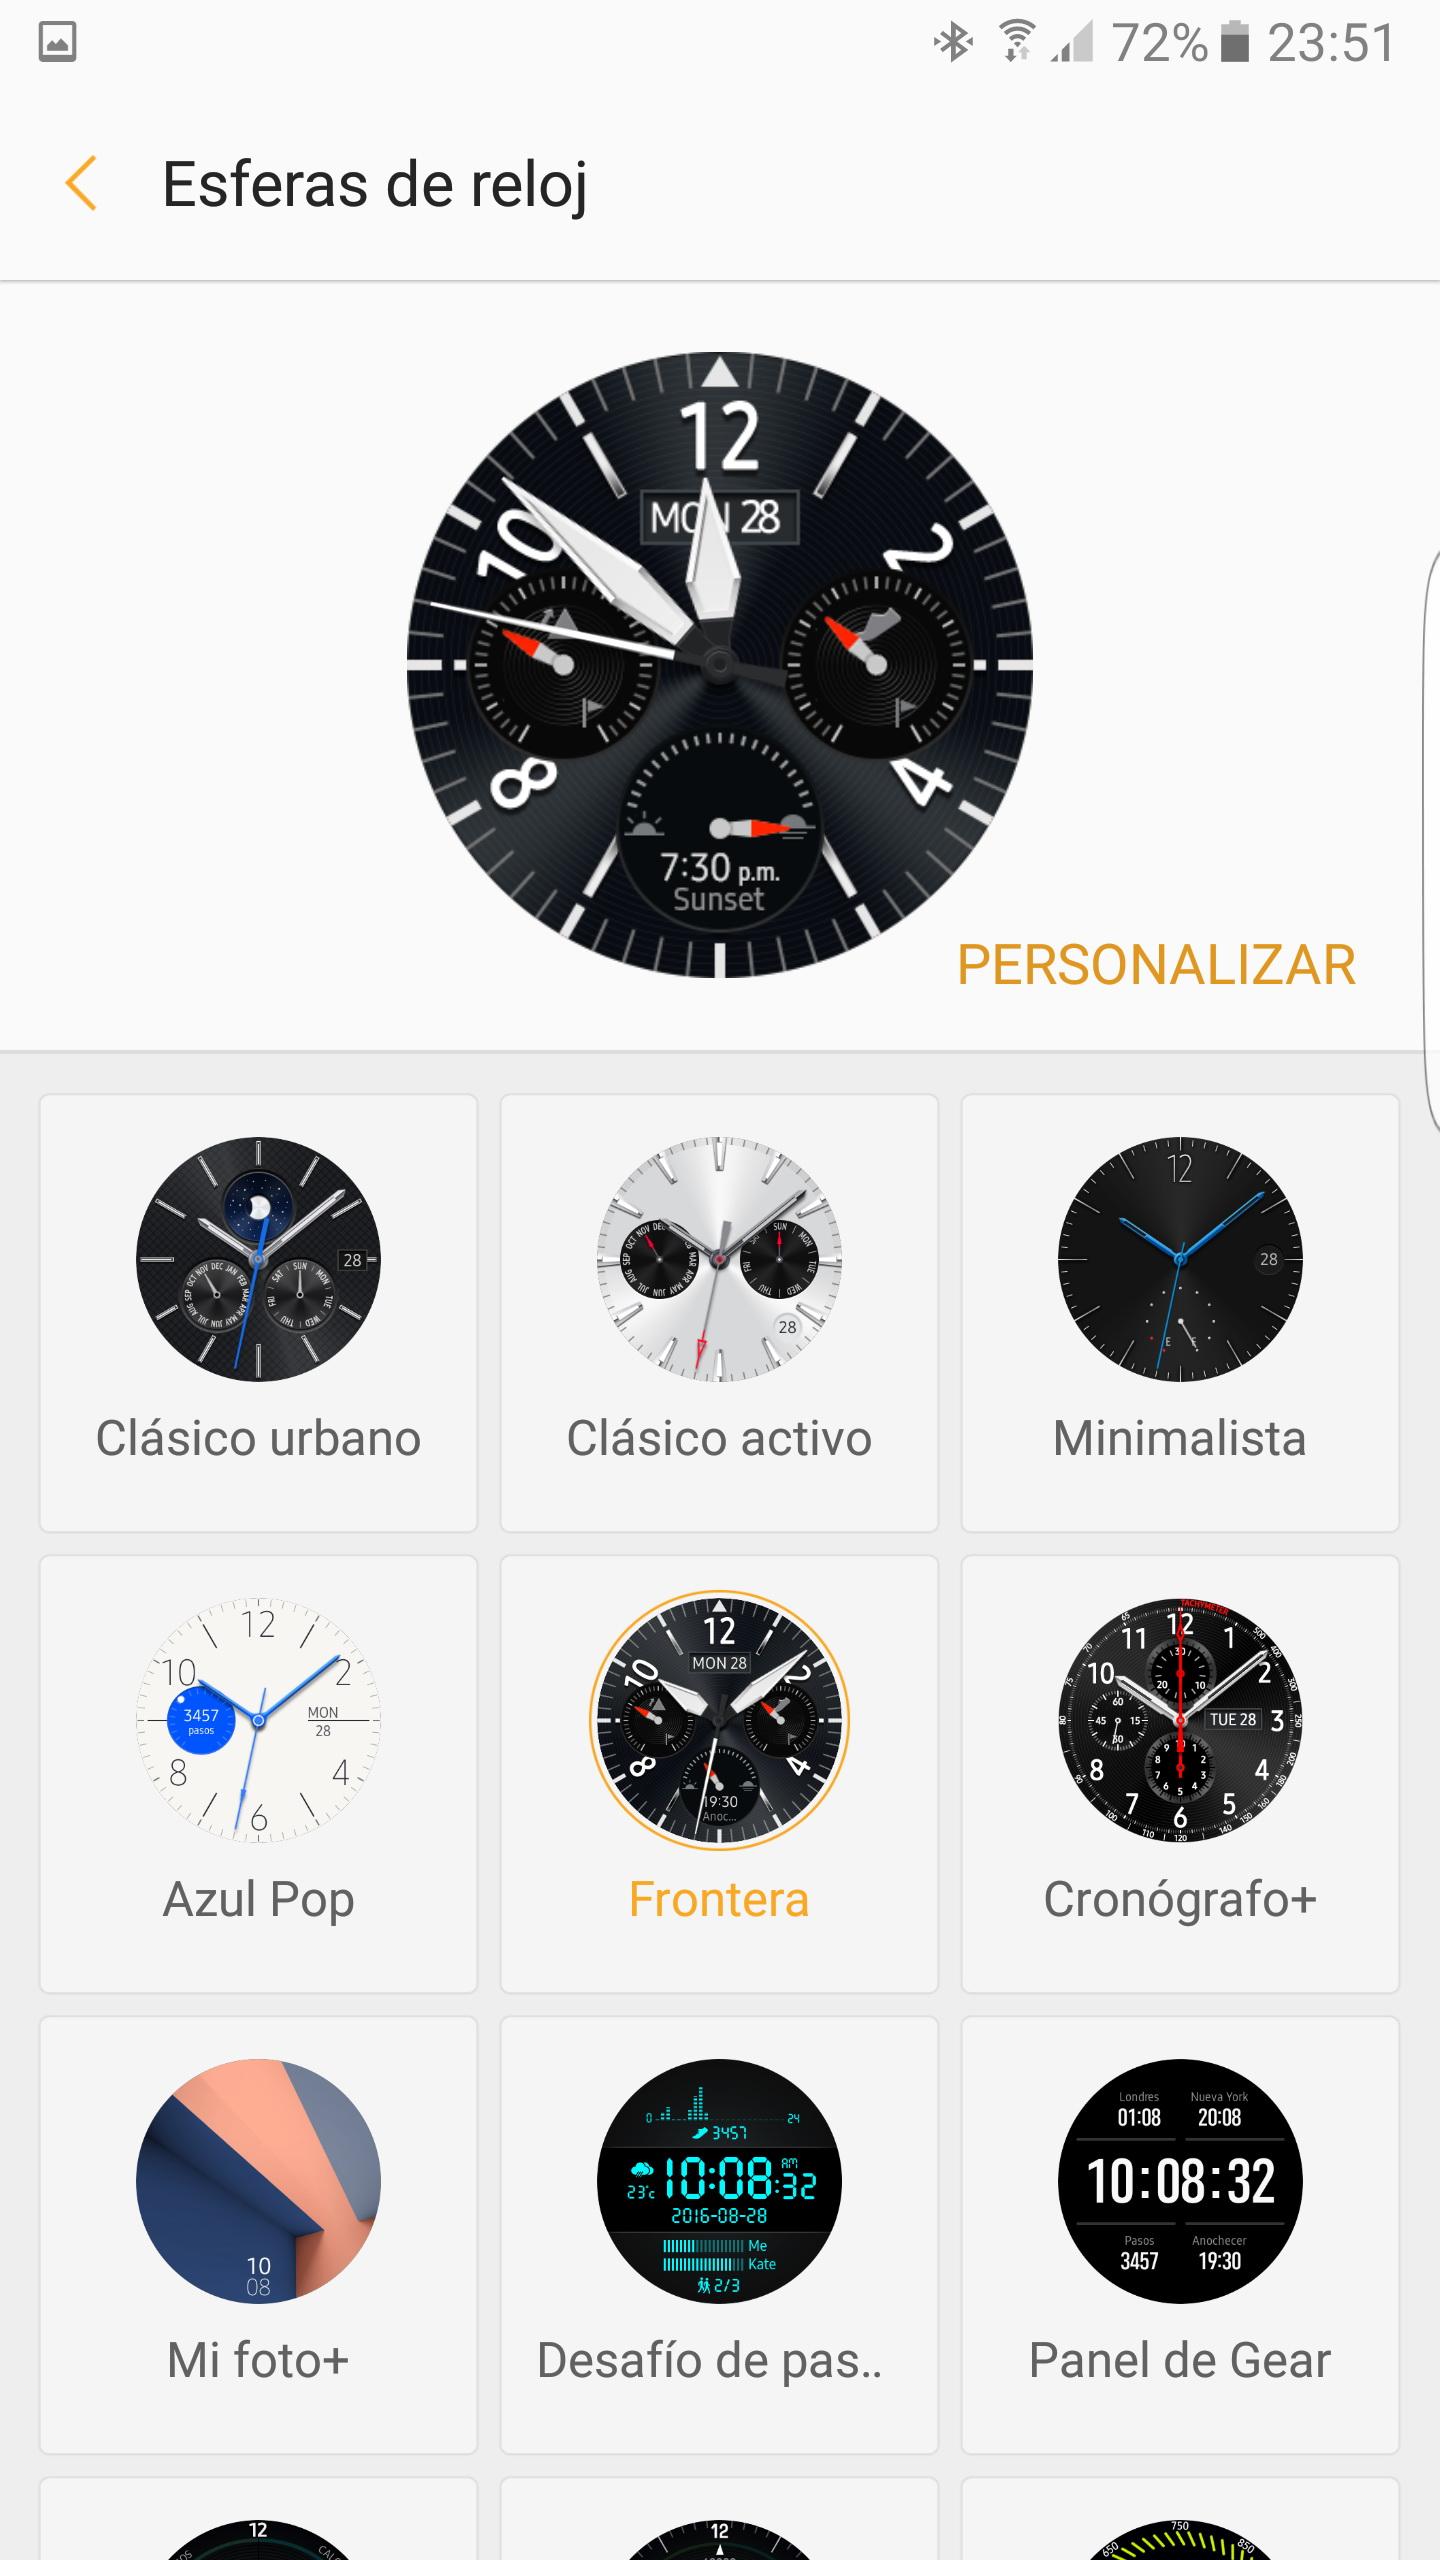 a6176e80b56e Desde la aplicación Samsung Gear podemos seleccionar las aplicaciones cuyas  notificaciones llegarán hasta el reloj. Además tenemos opciones para  limitar las ...